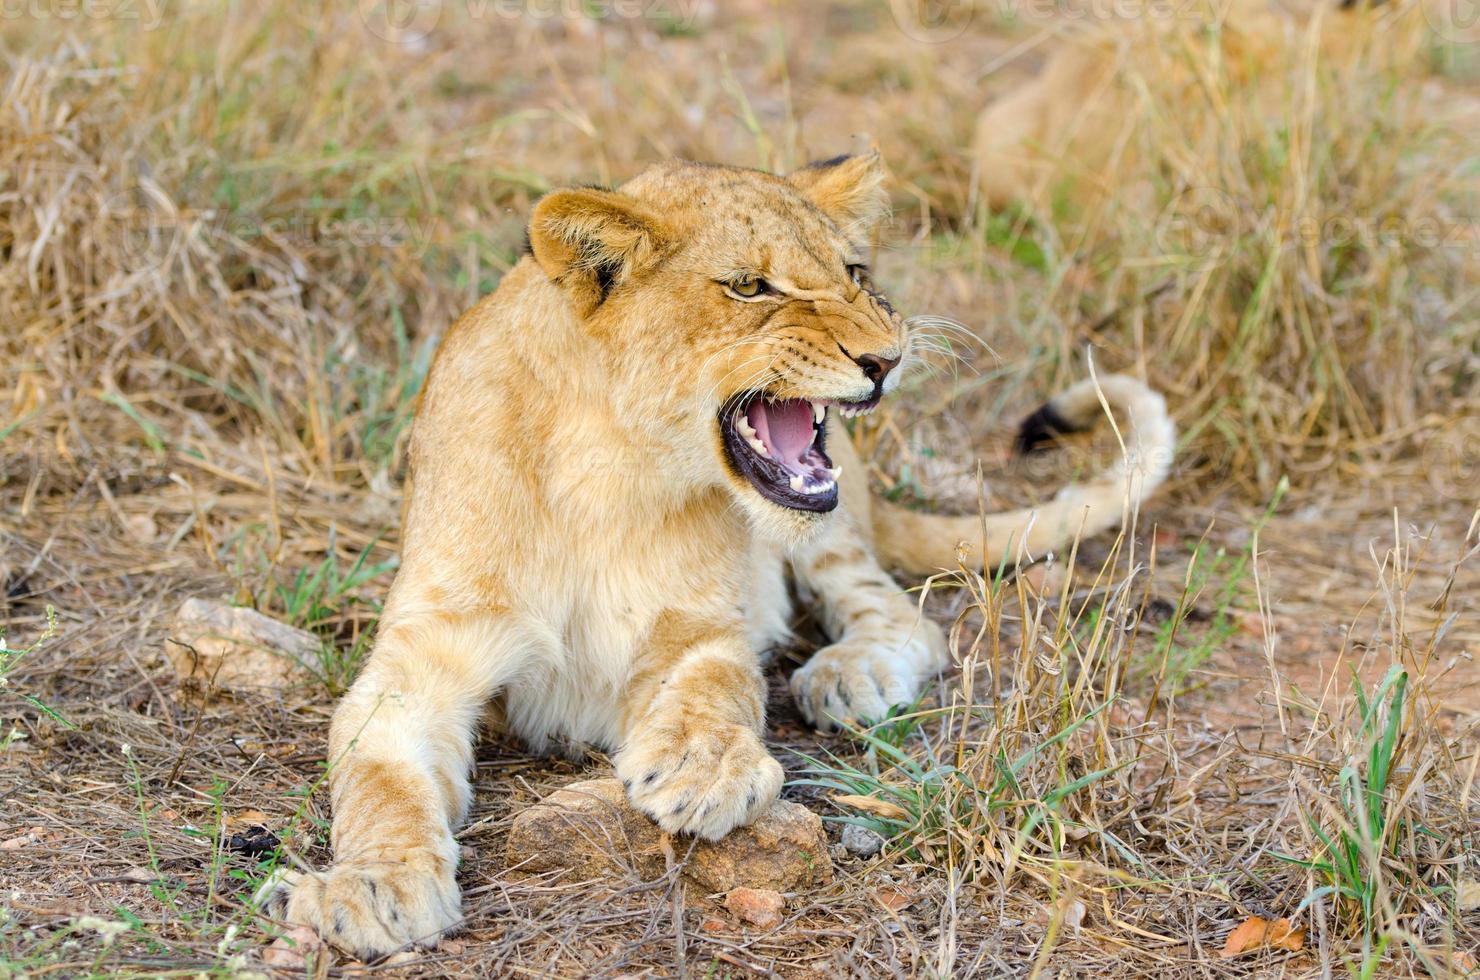 cucciolo di leone che ringhia Sudafrica foto